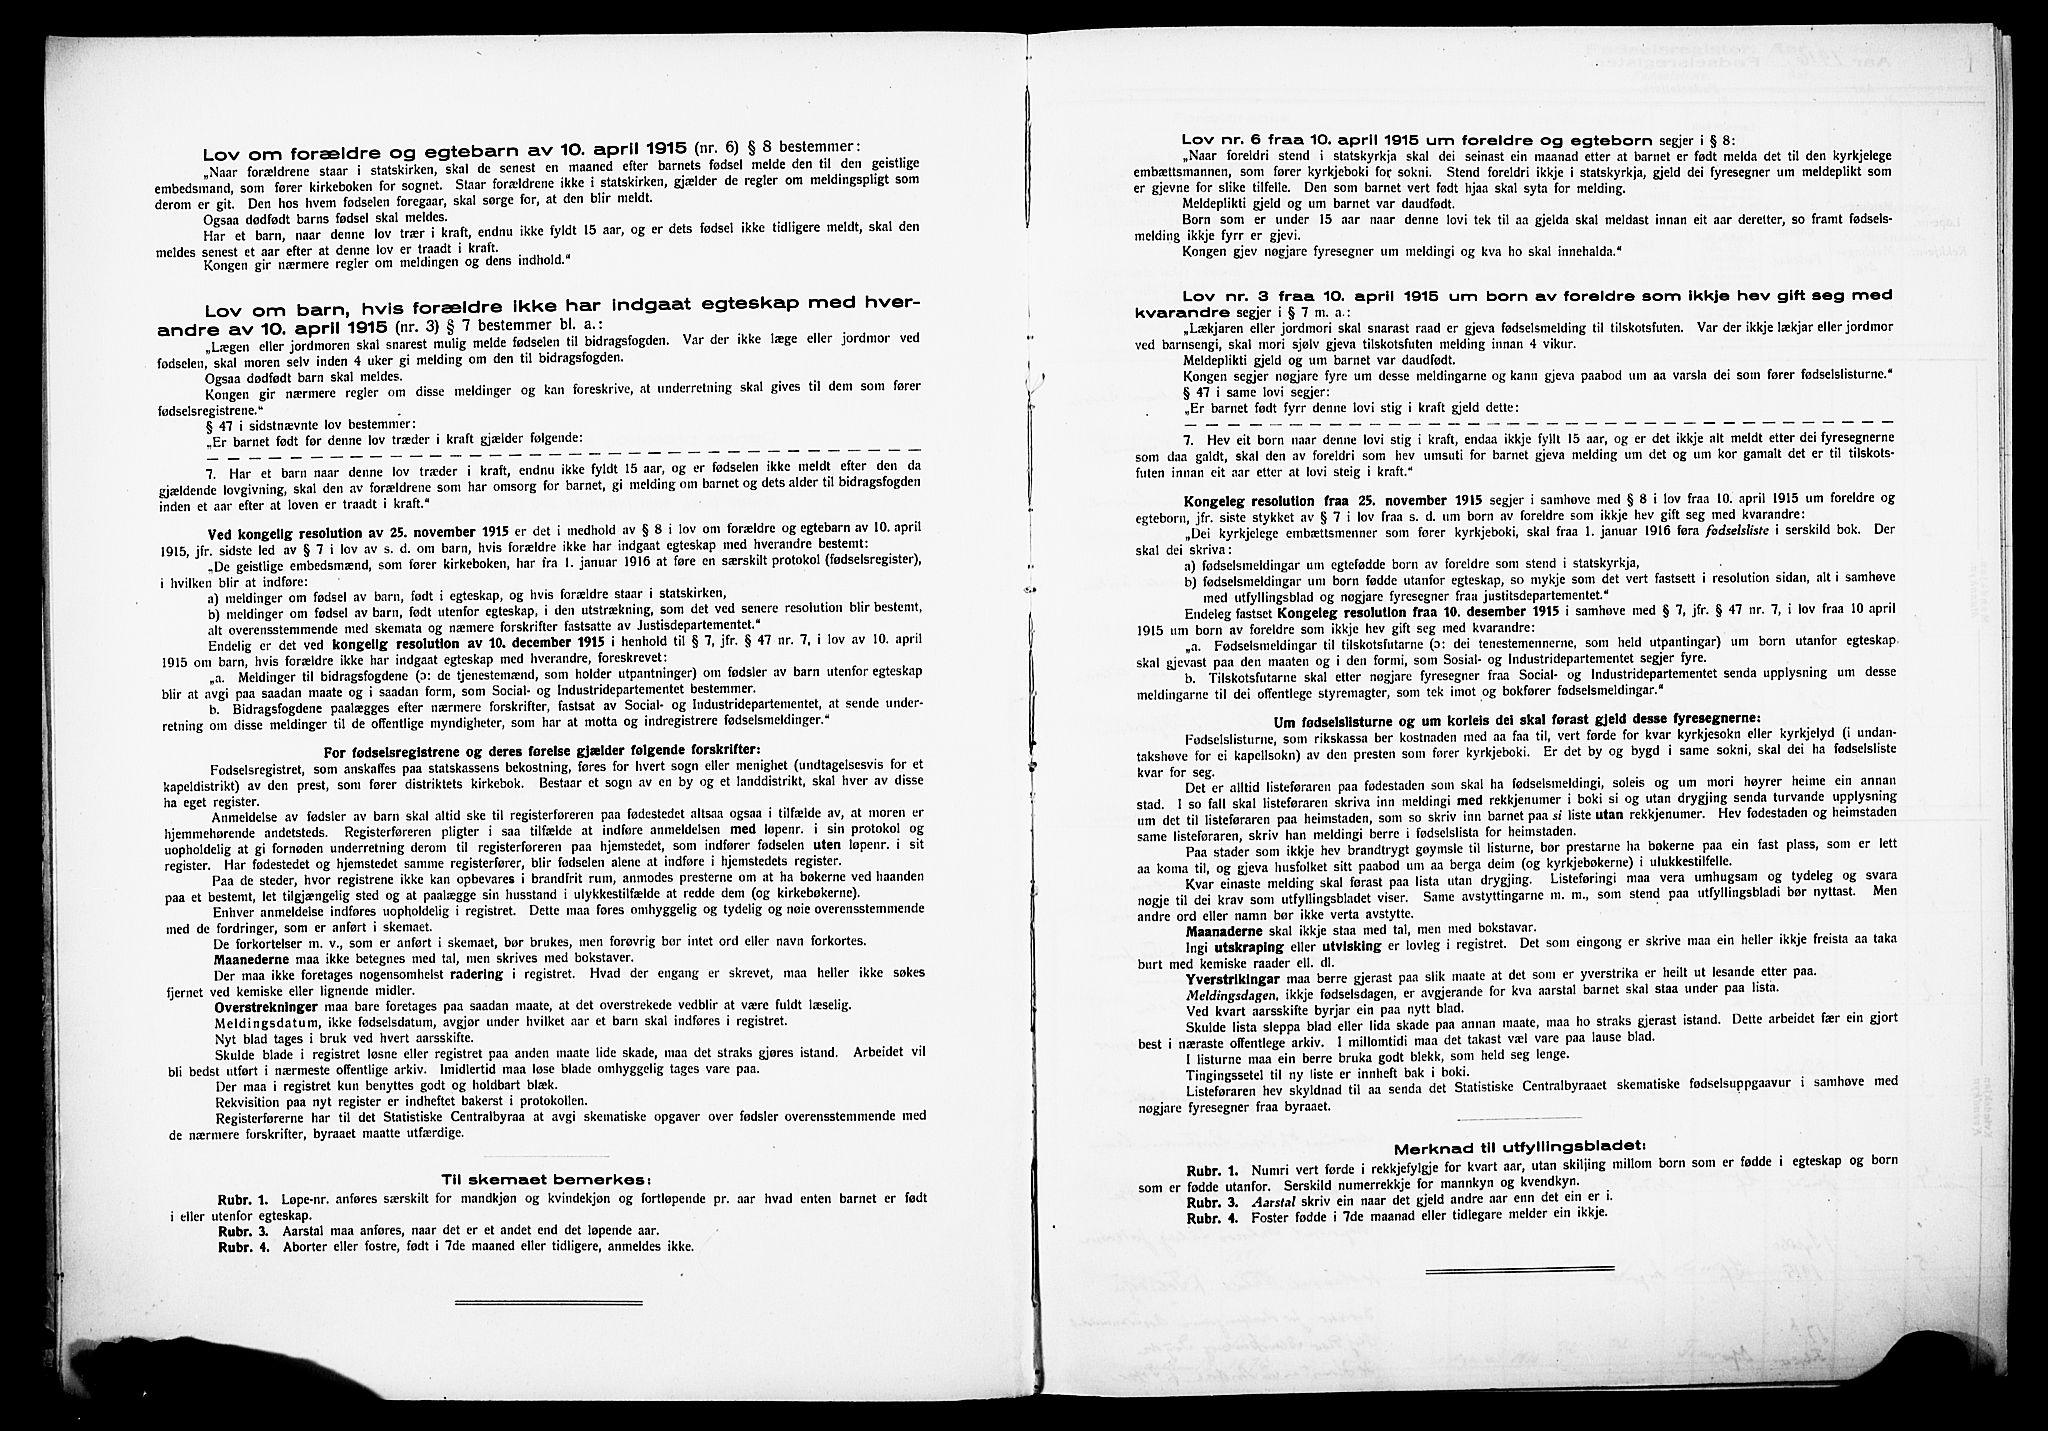 SAKO, Sandefjord kirkebøker, J/Ja/L0001: Birth register no. 1, 1916-1932